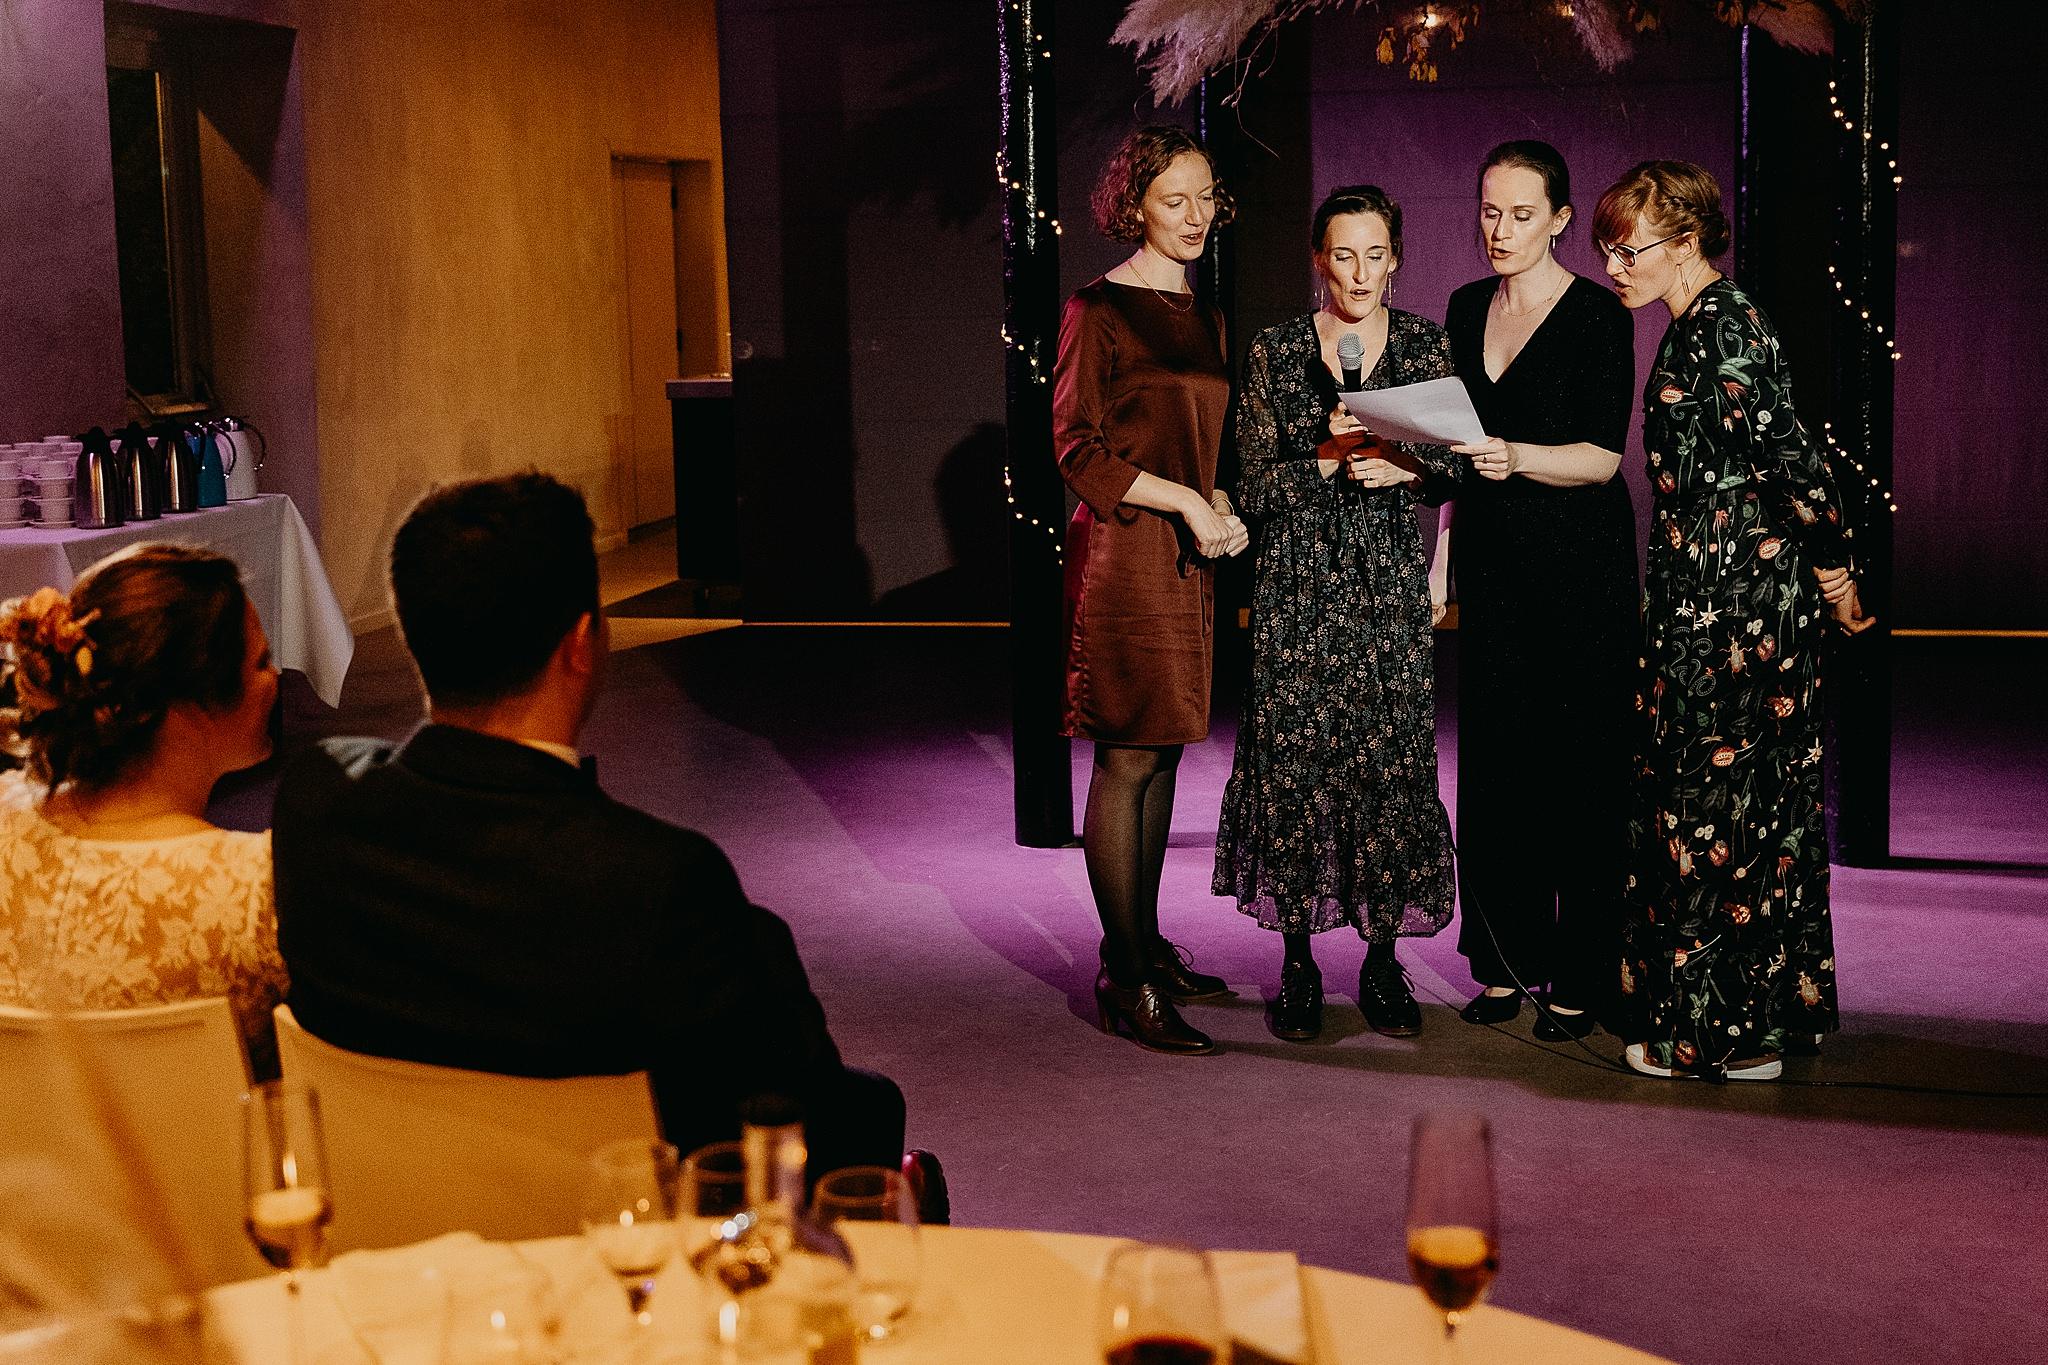 Aulnenhof opvoering vriendinnen huwelijk feestzaal